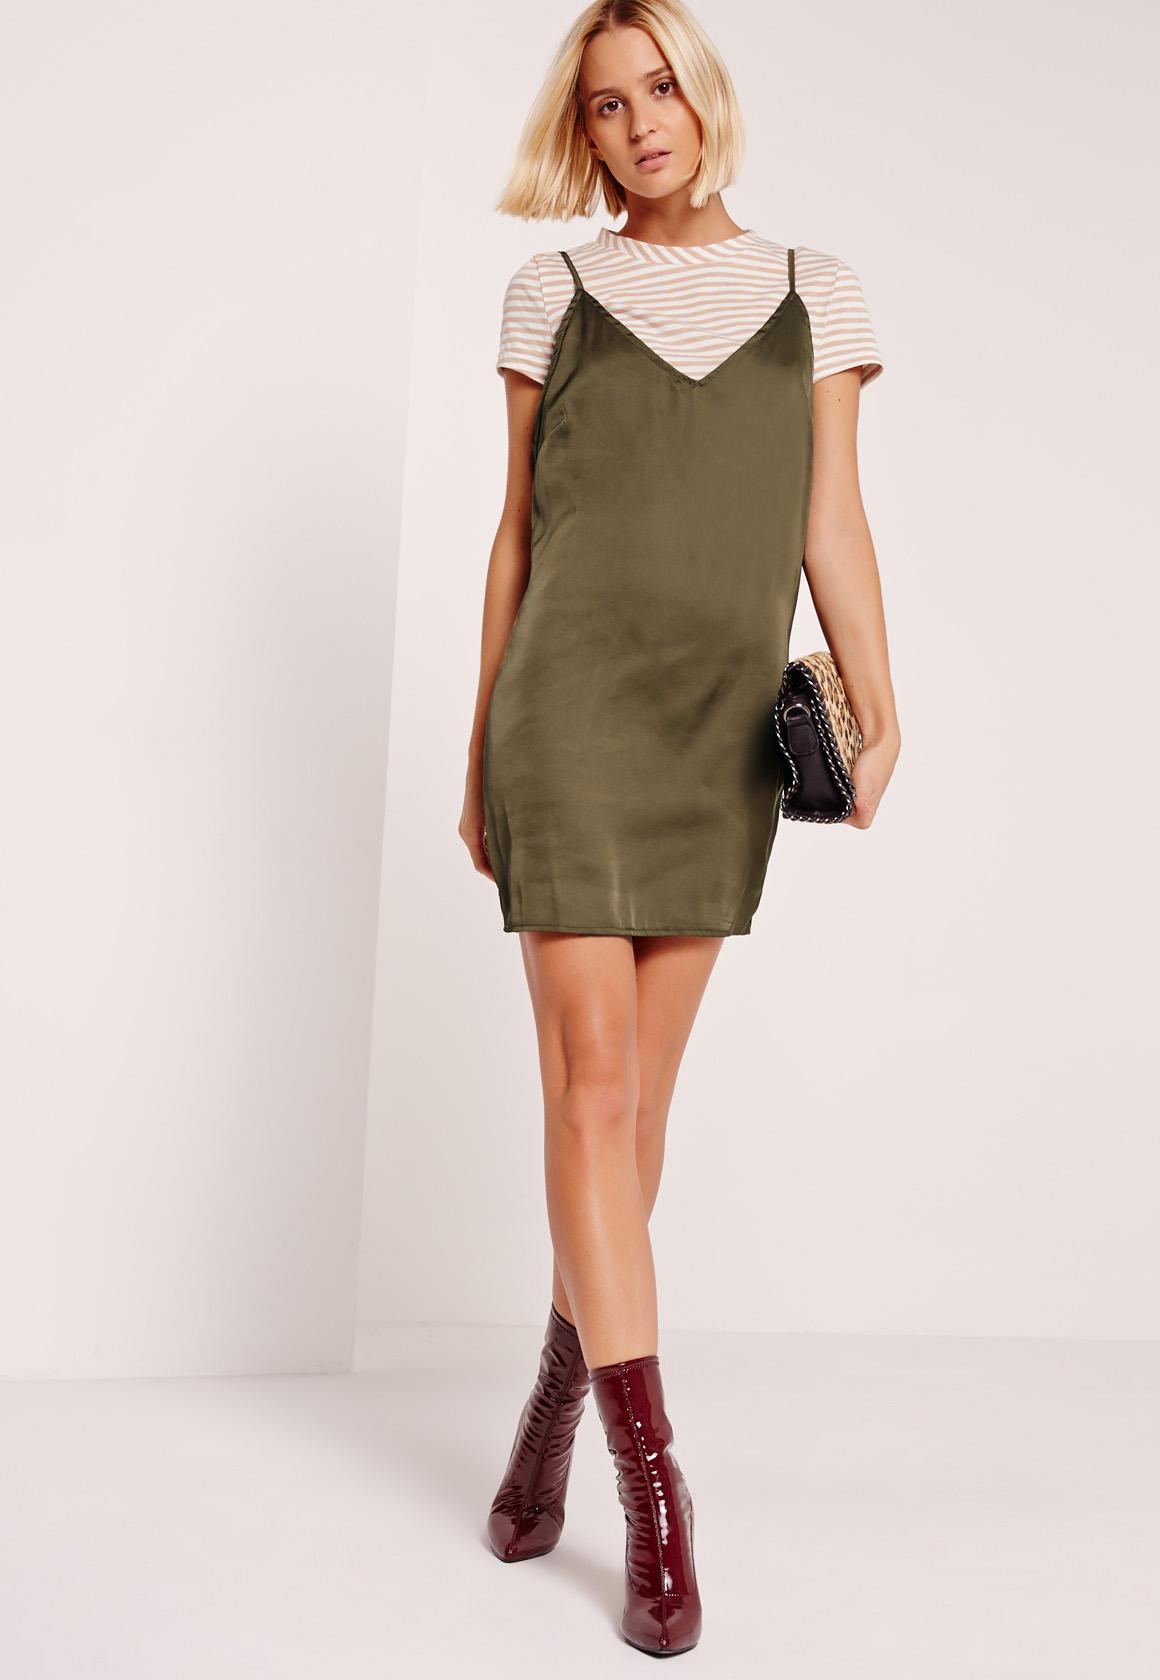 Stripe Khaki 2 in 1 Dresses